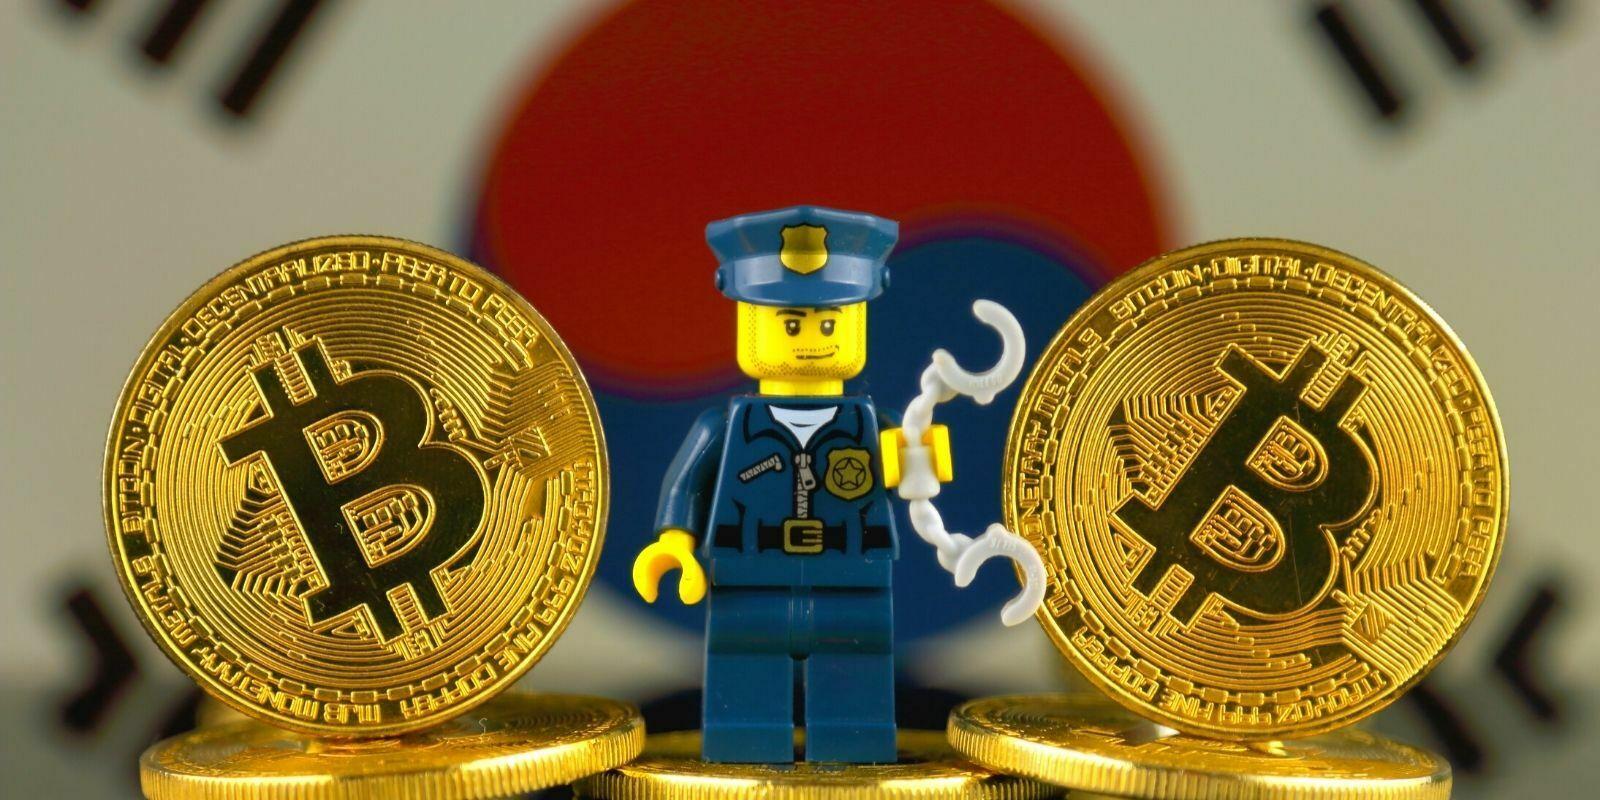 Corée du Sud : la police perquisitionne l'exchange majeur Bithumb